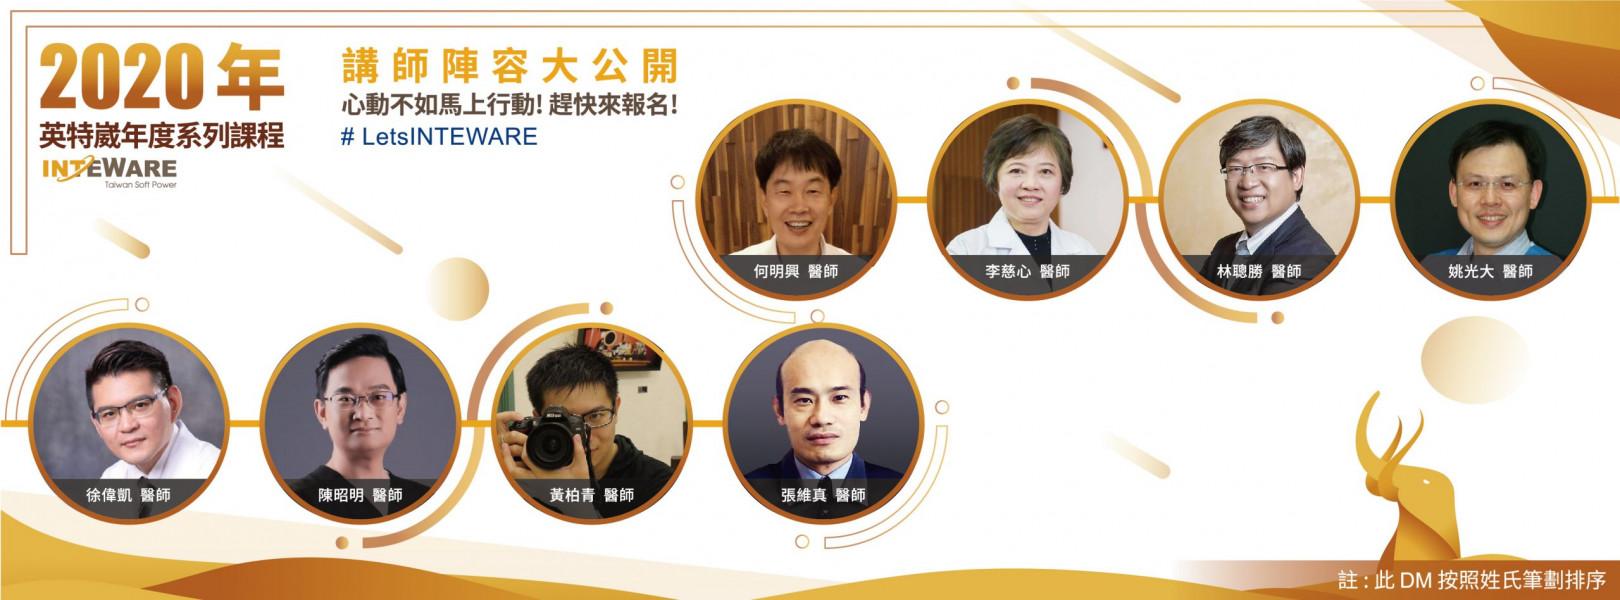 2020年度講師陣容_FB封面